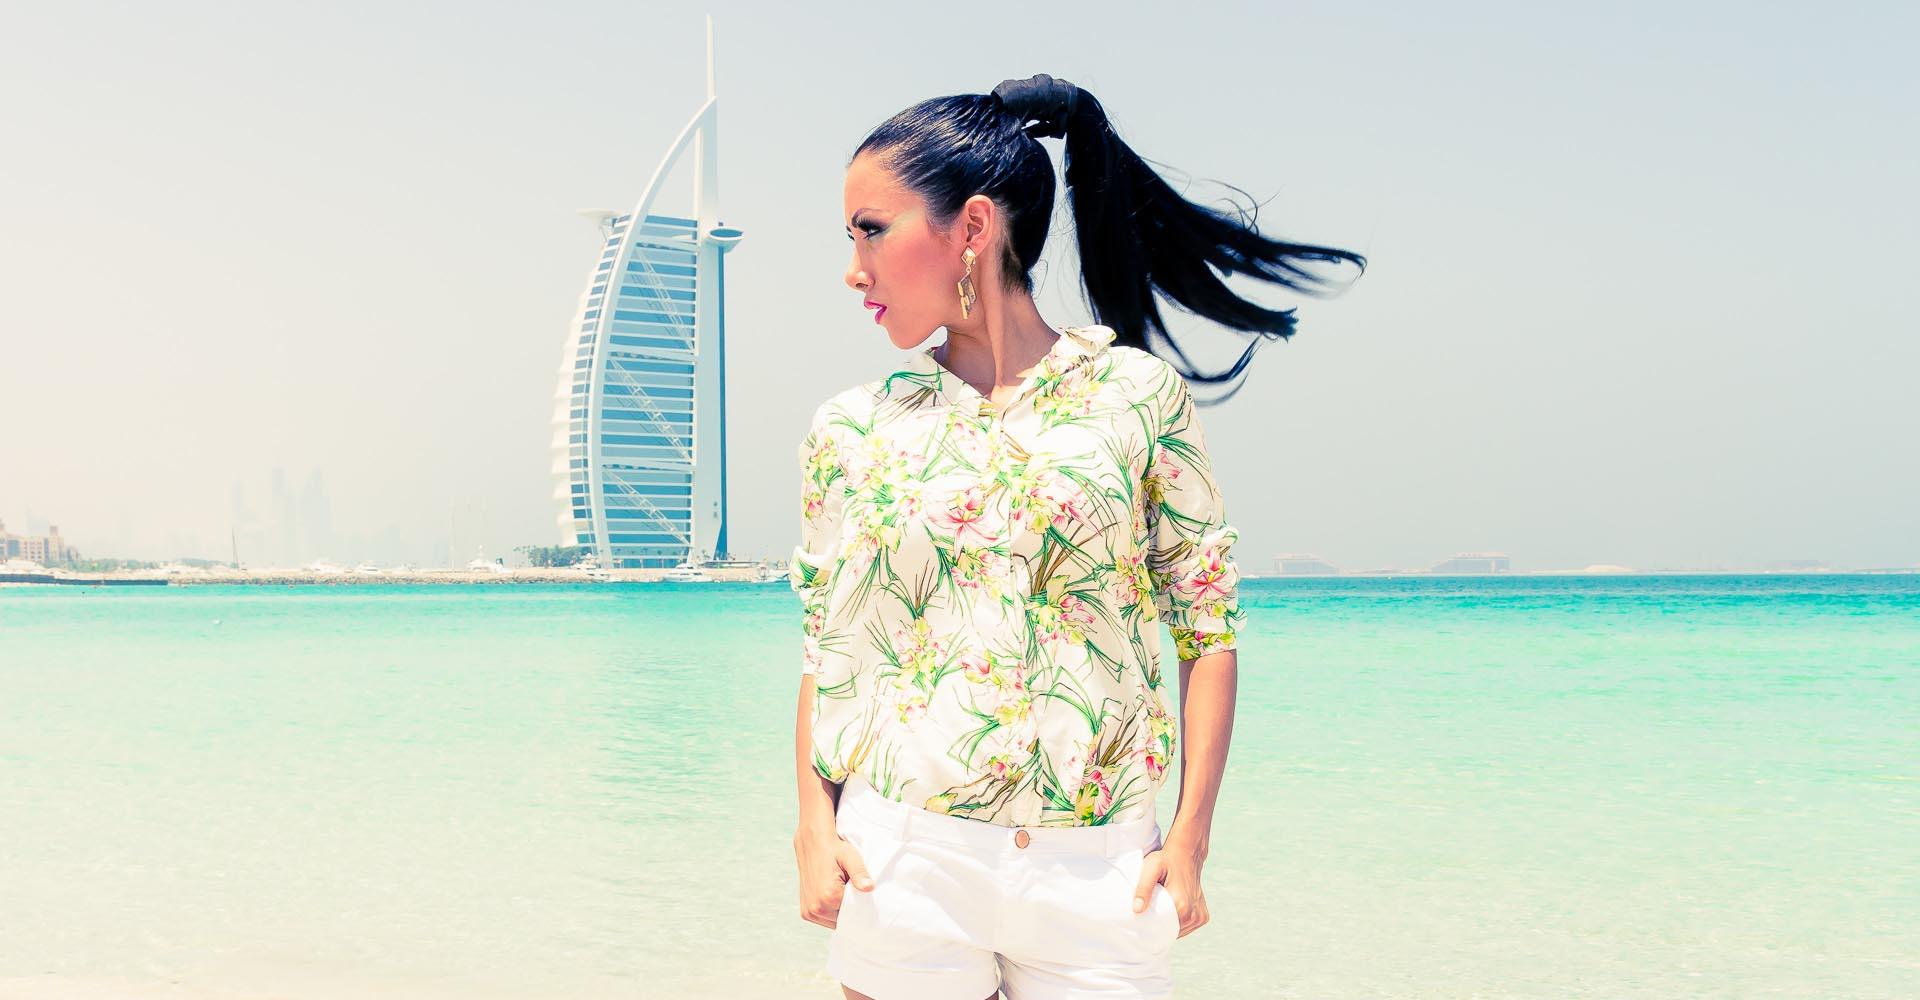 Работа для девушек в Дубае